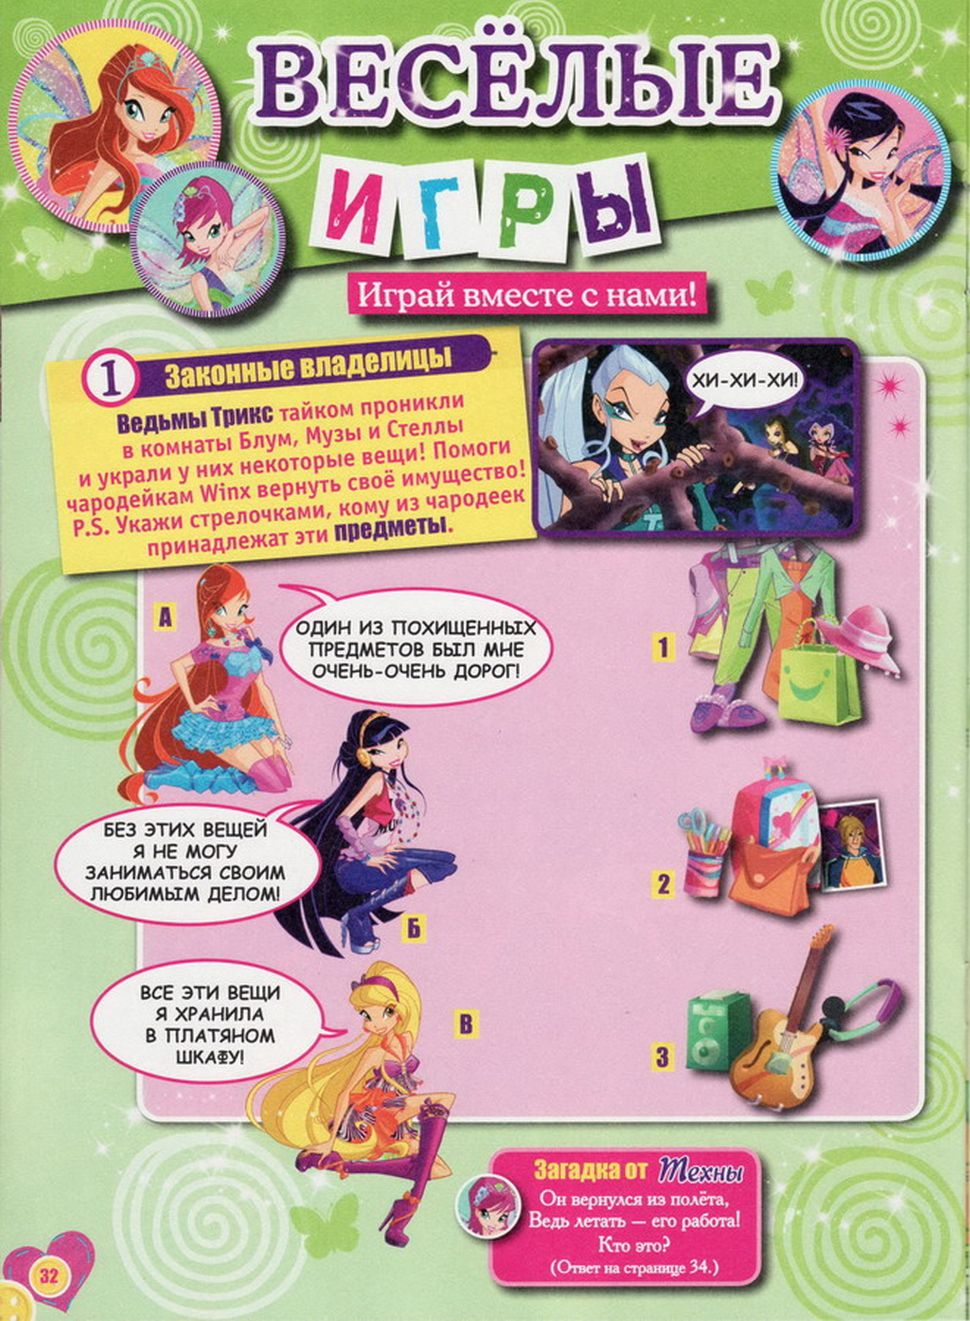 Комикс Винкс Winx - Магия Востока (Журнал Винкс №06 2013)